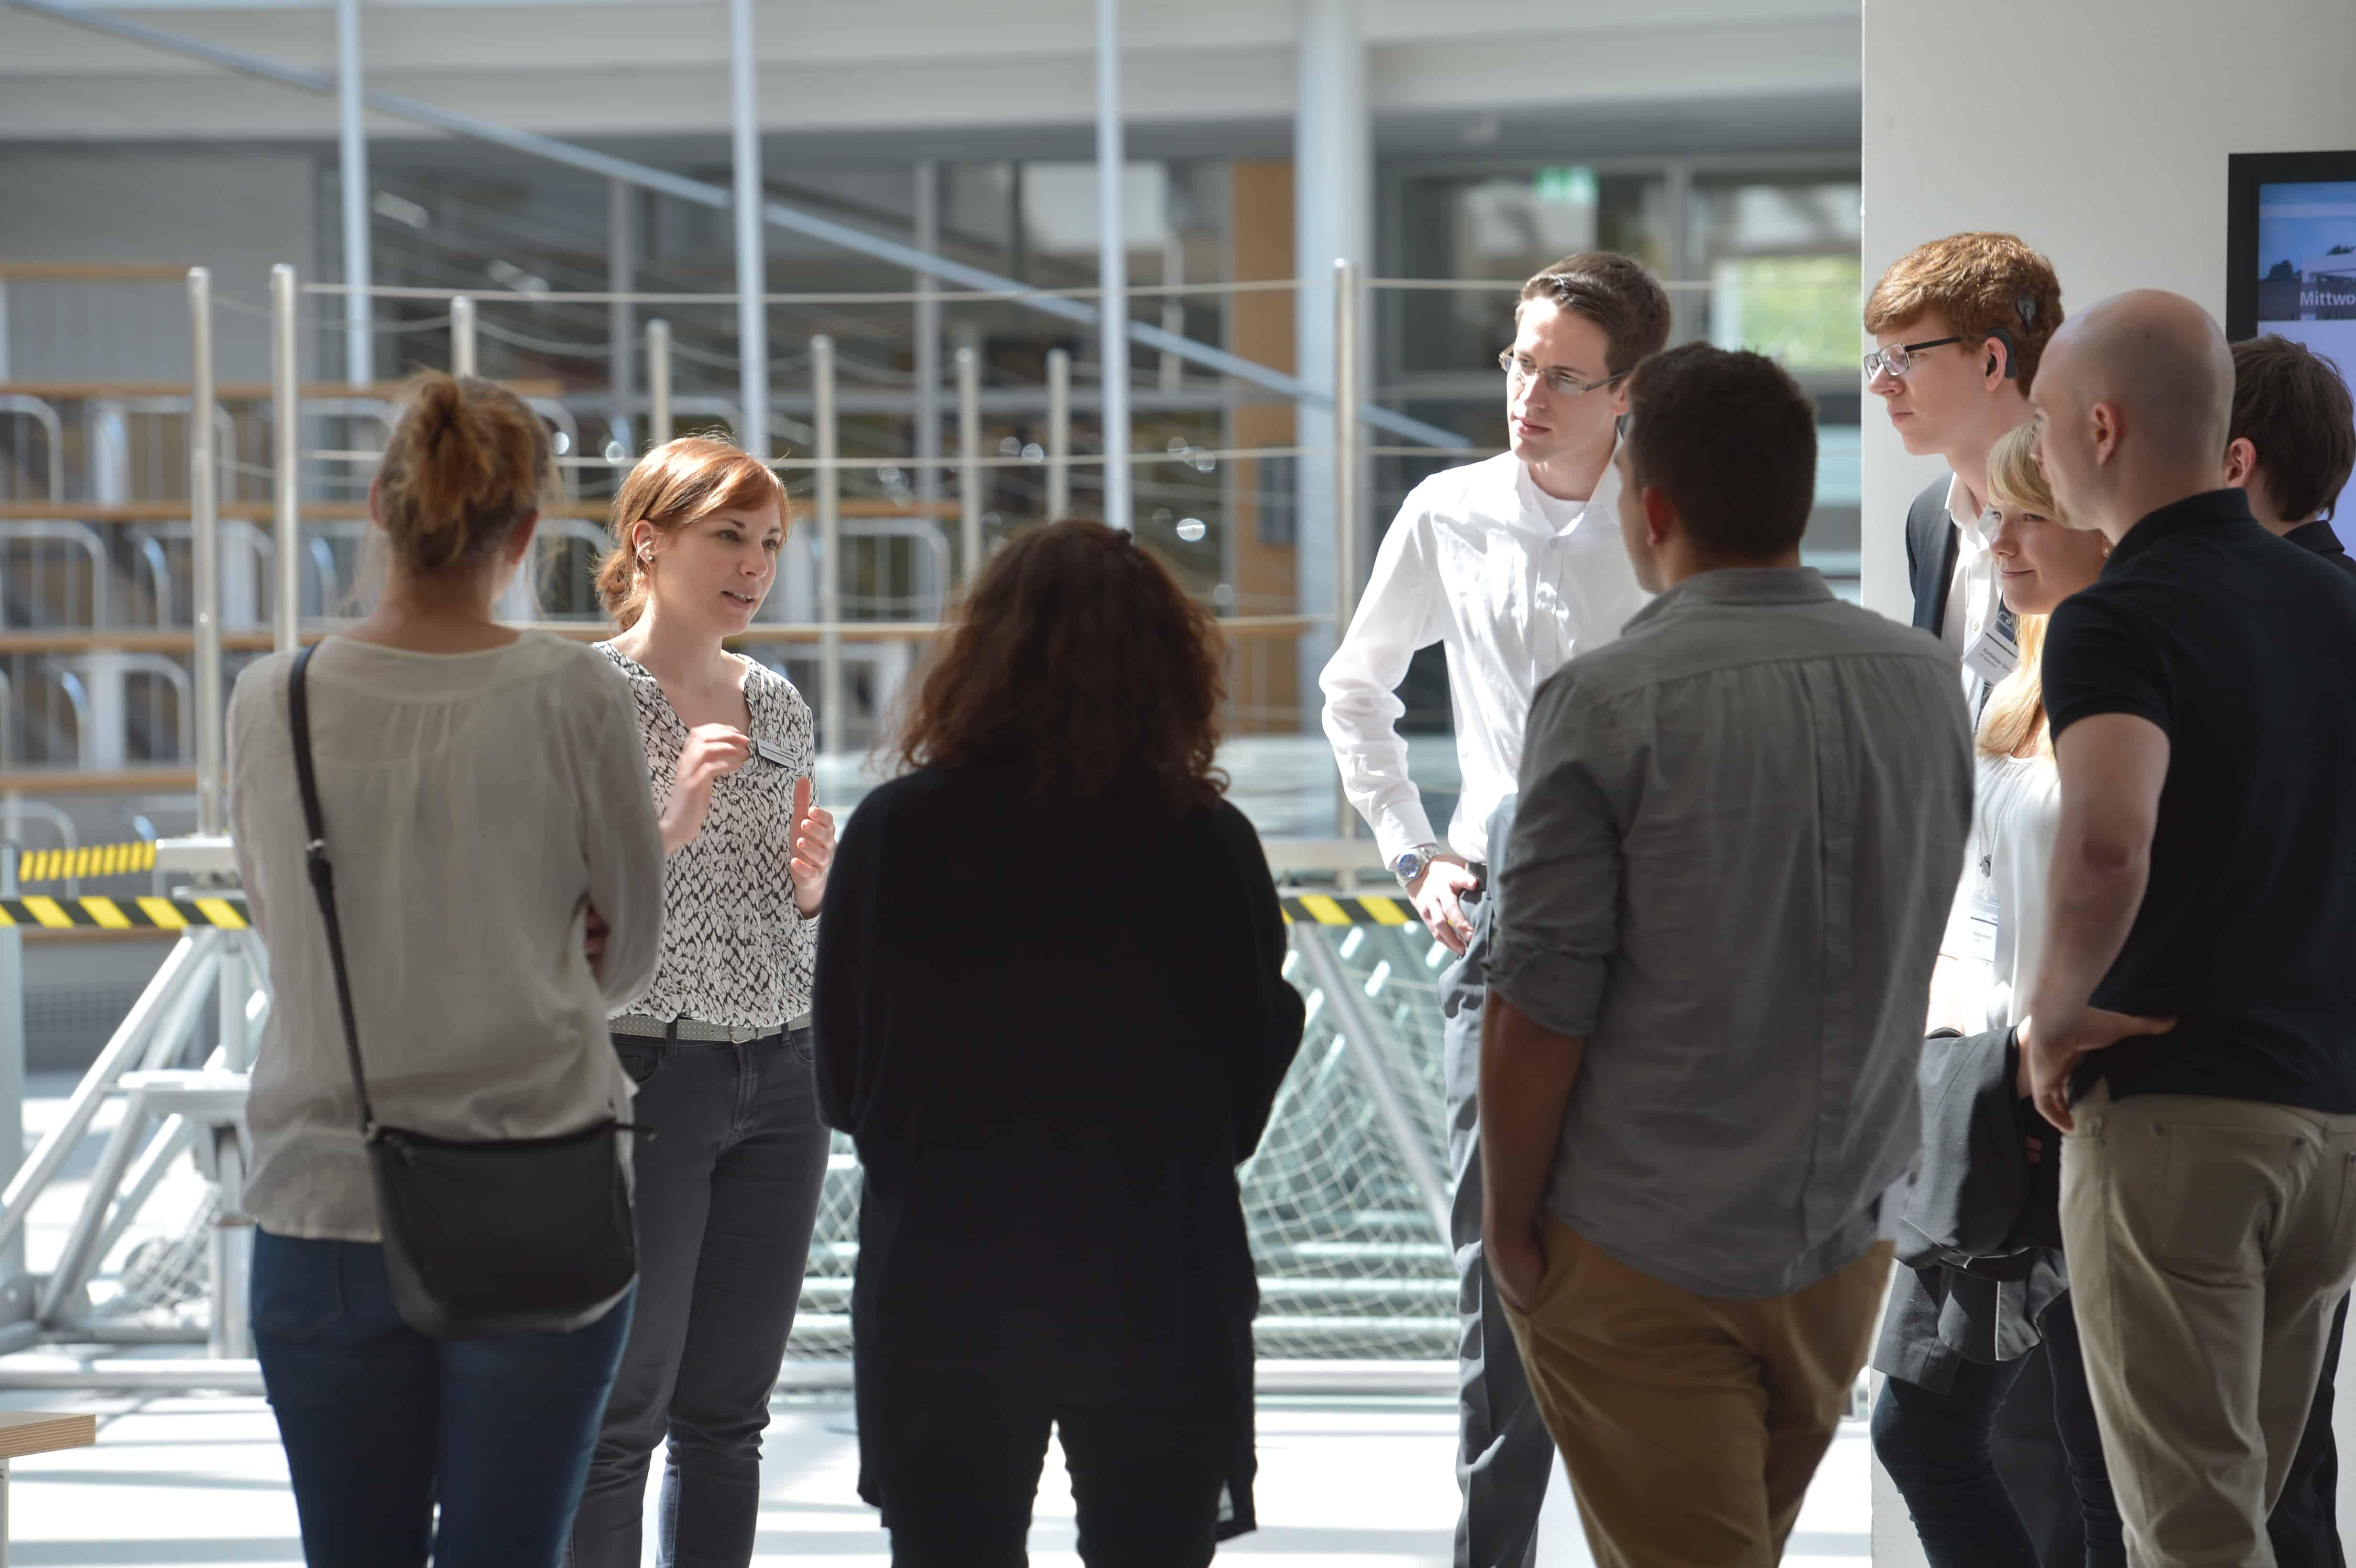 Impressionen von der Jurysitzung des 9. TANNER-Hochschulwettbewerbs